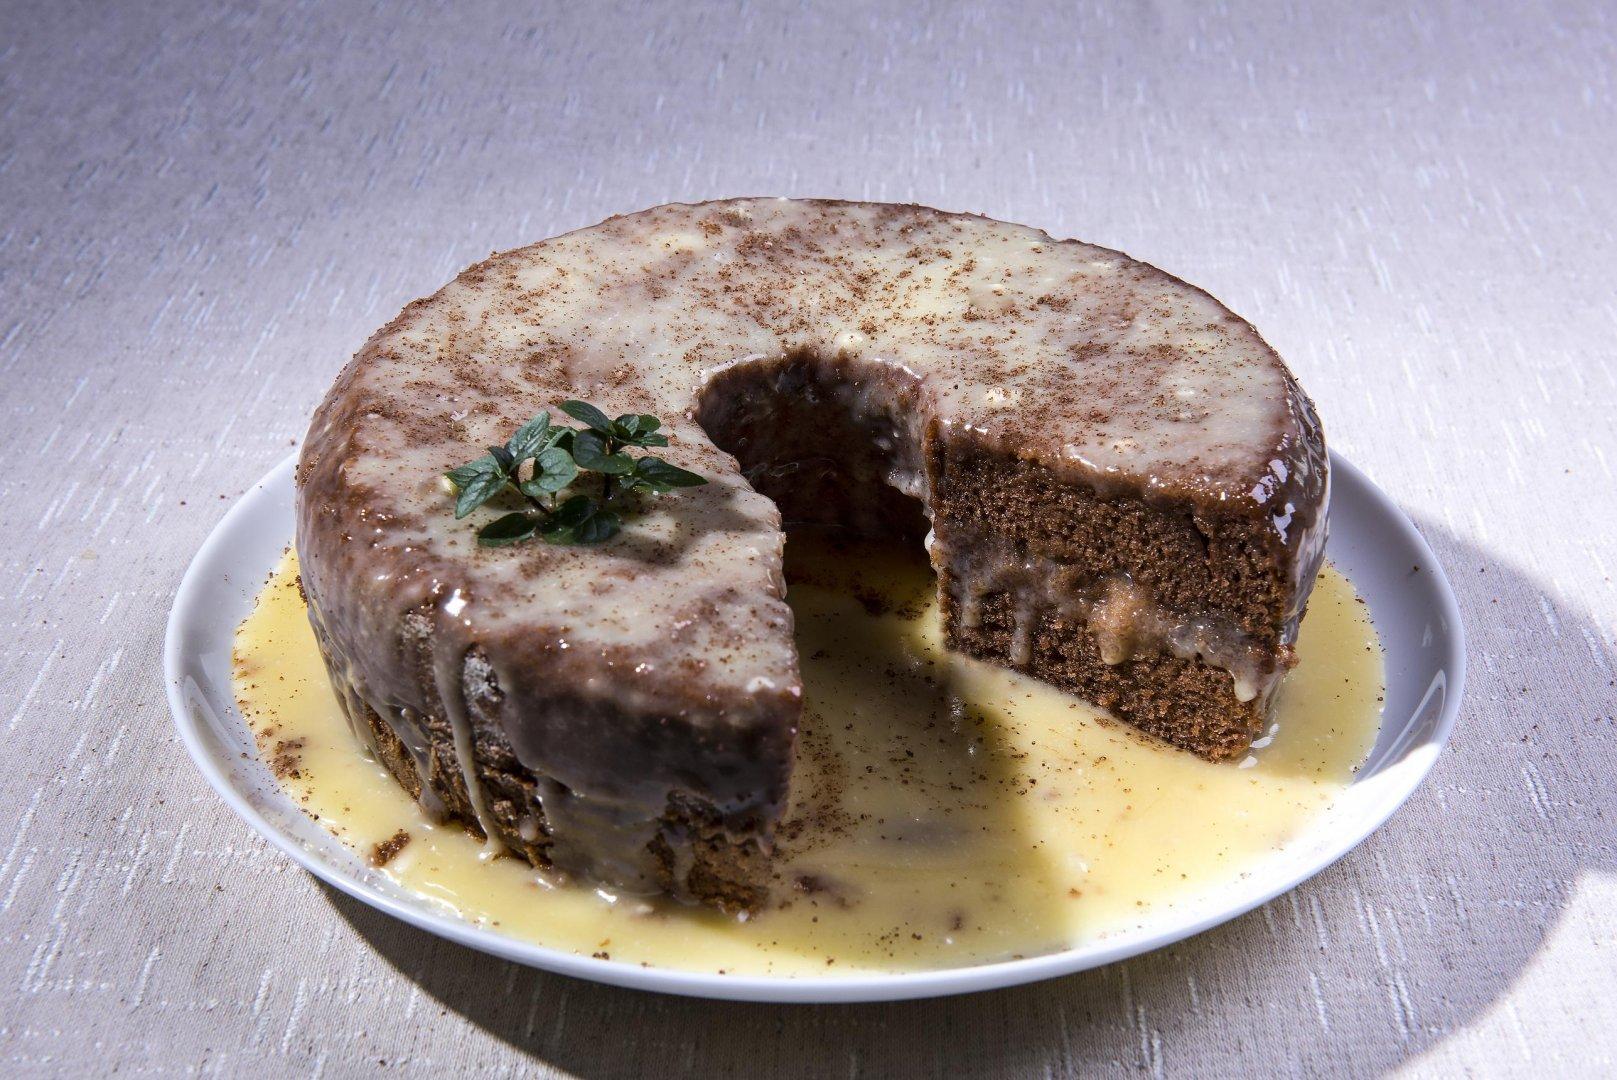 Bolo de Chocolate com Chocolate Branco e Licor de Laranja